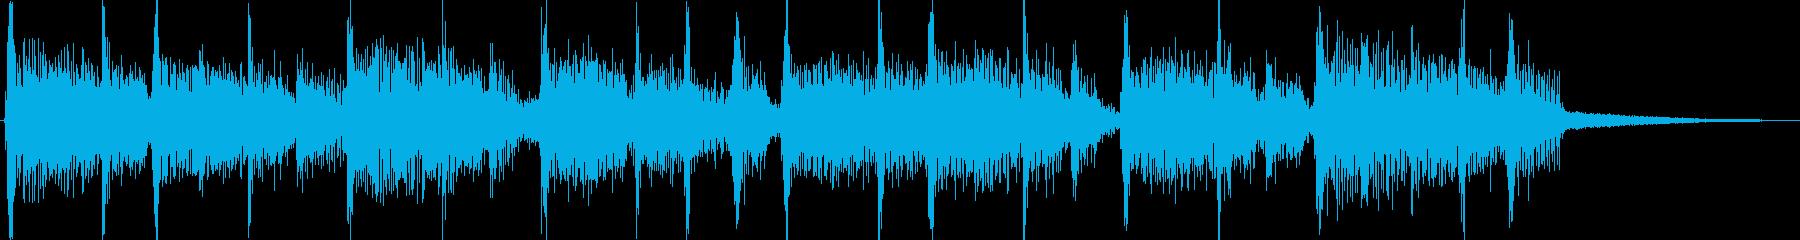 EWF風のヴォコーダージングルの再生済みの波形